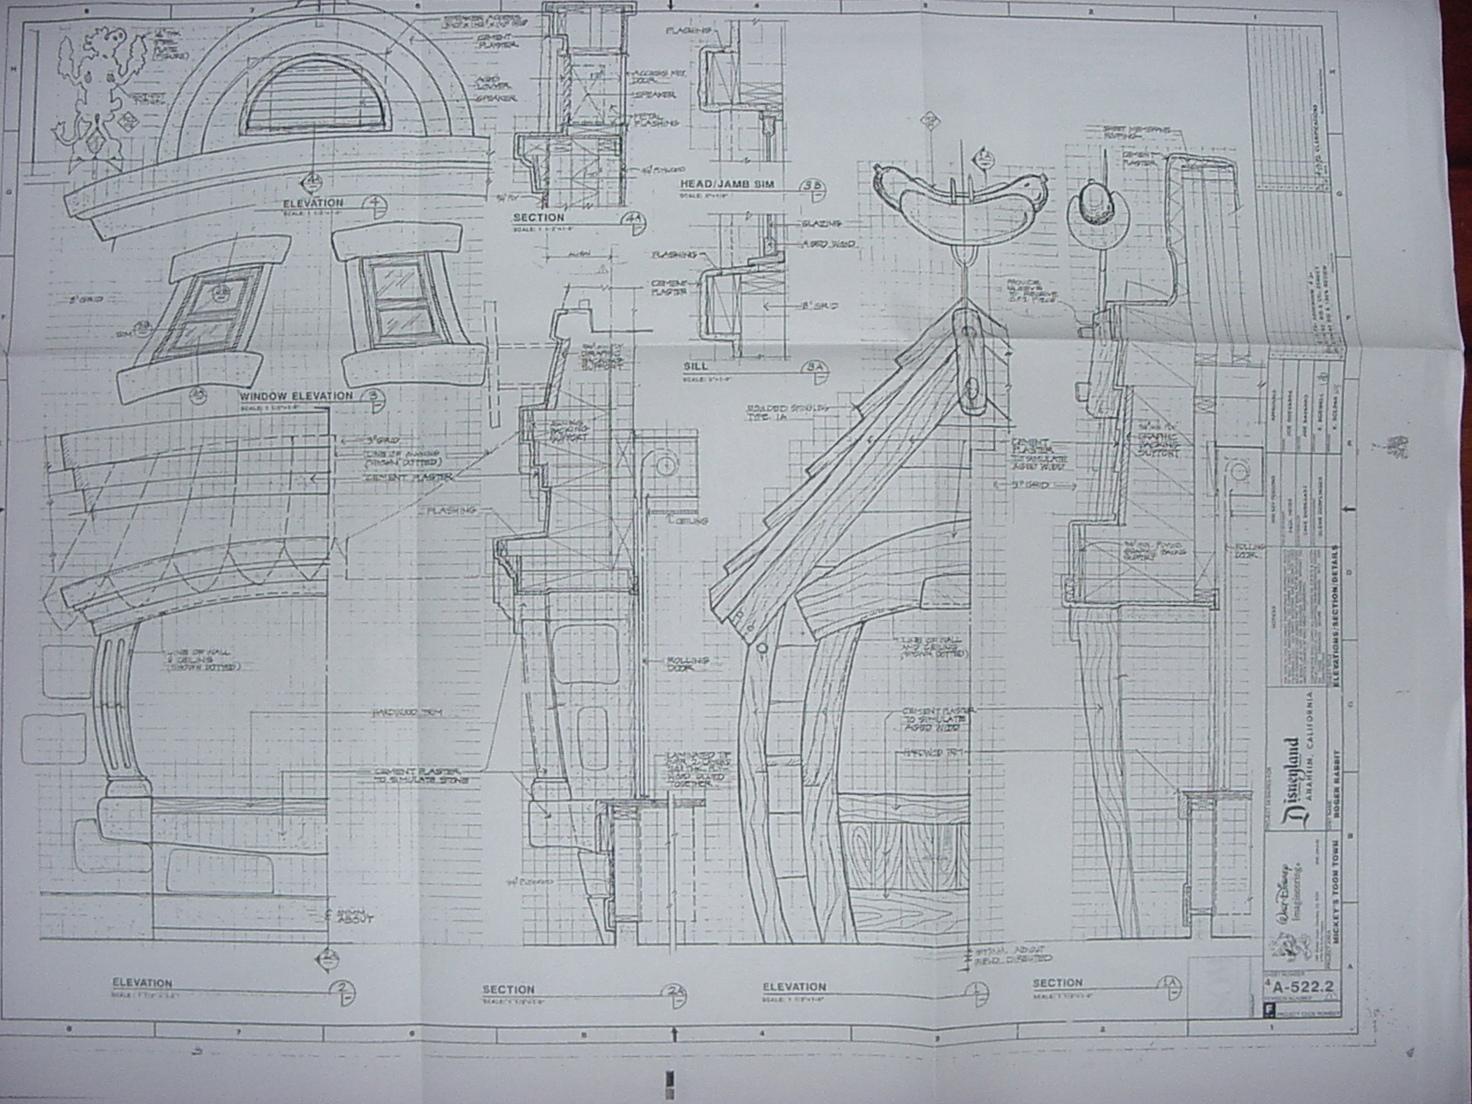 Disneyland Toontown Blueprints